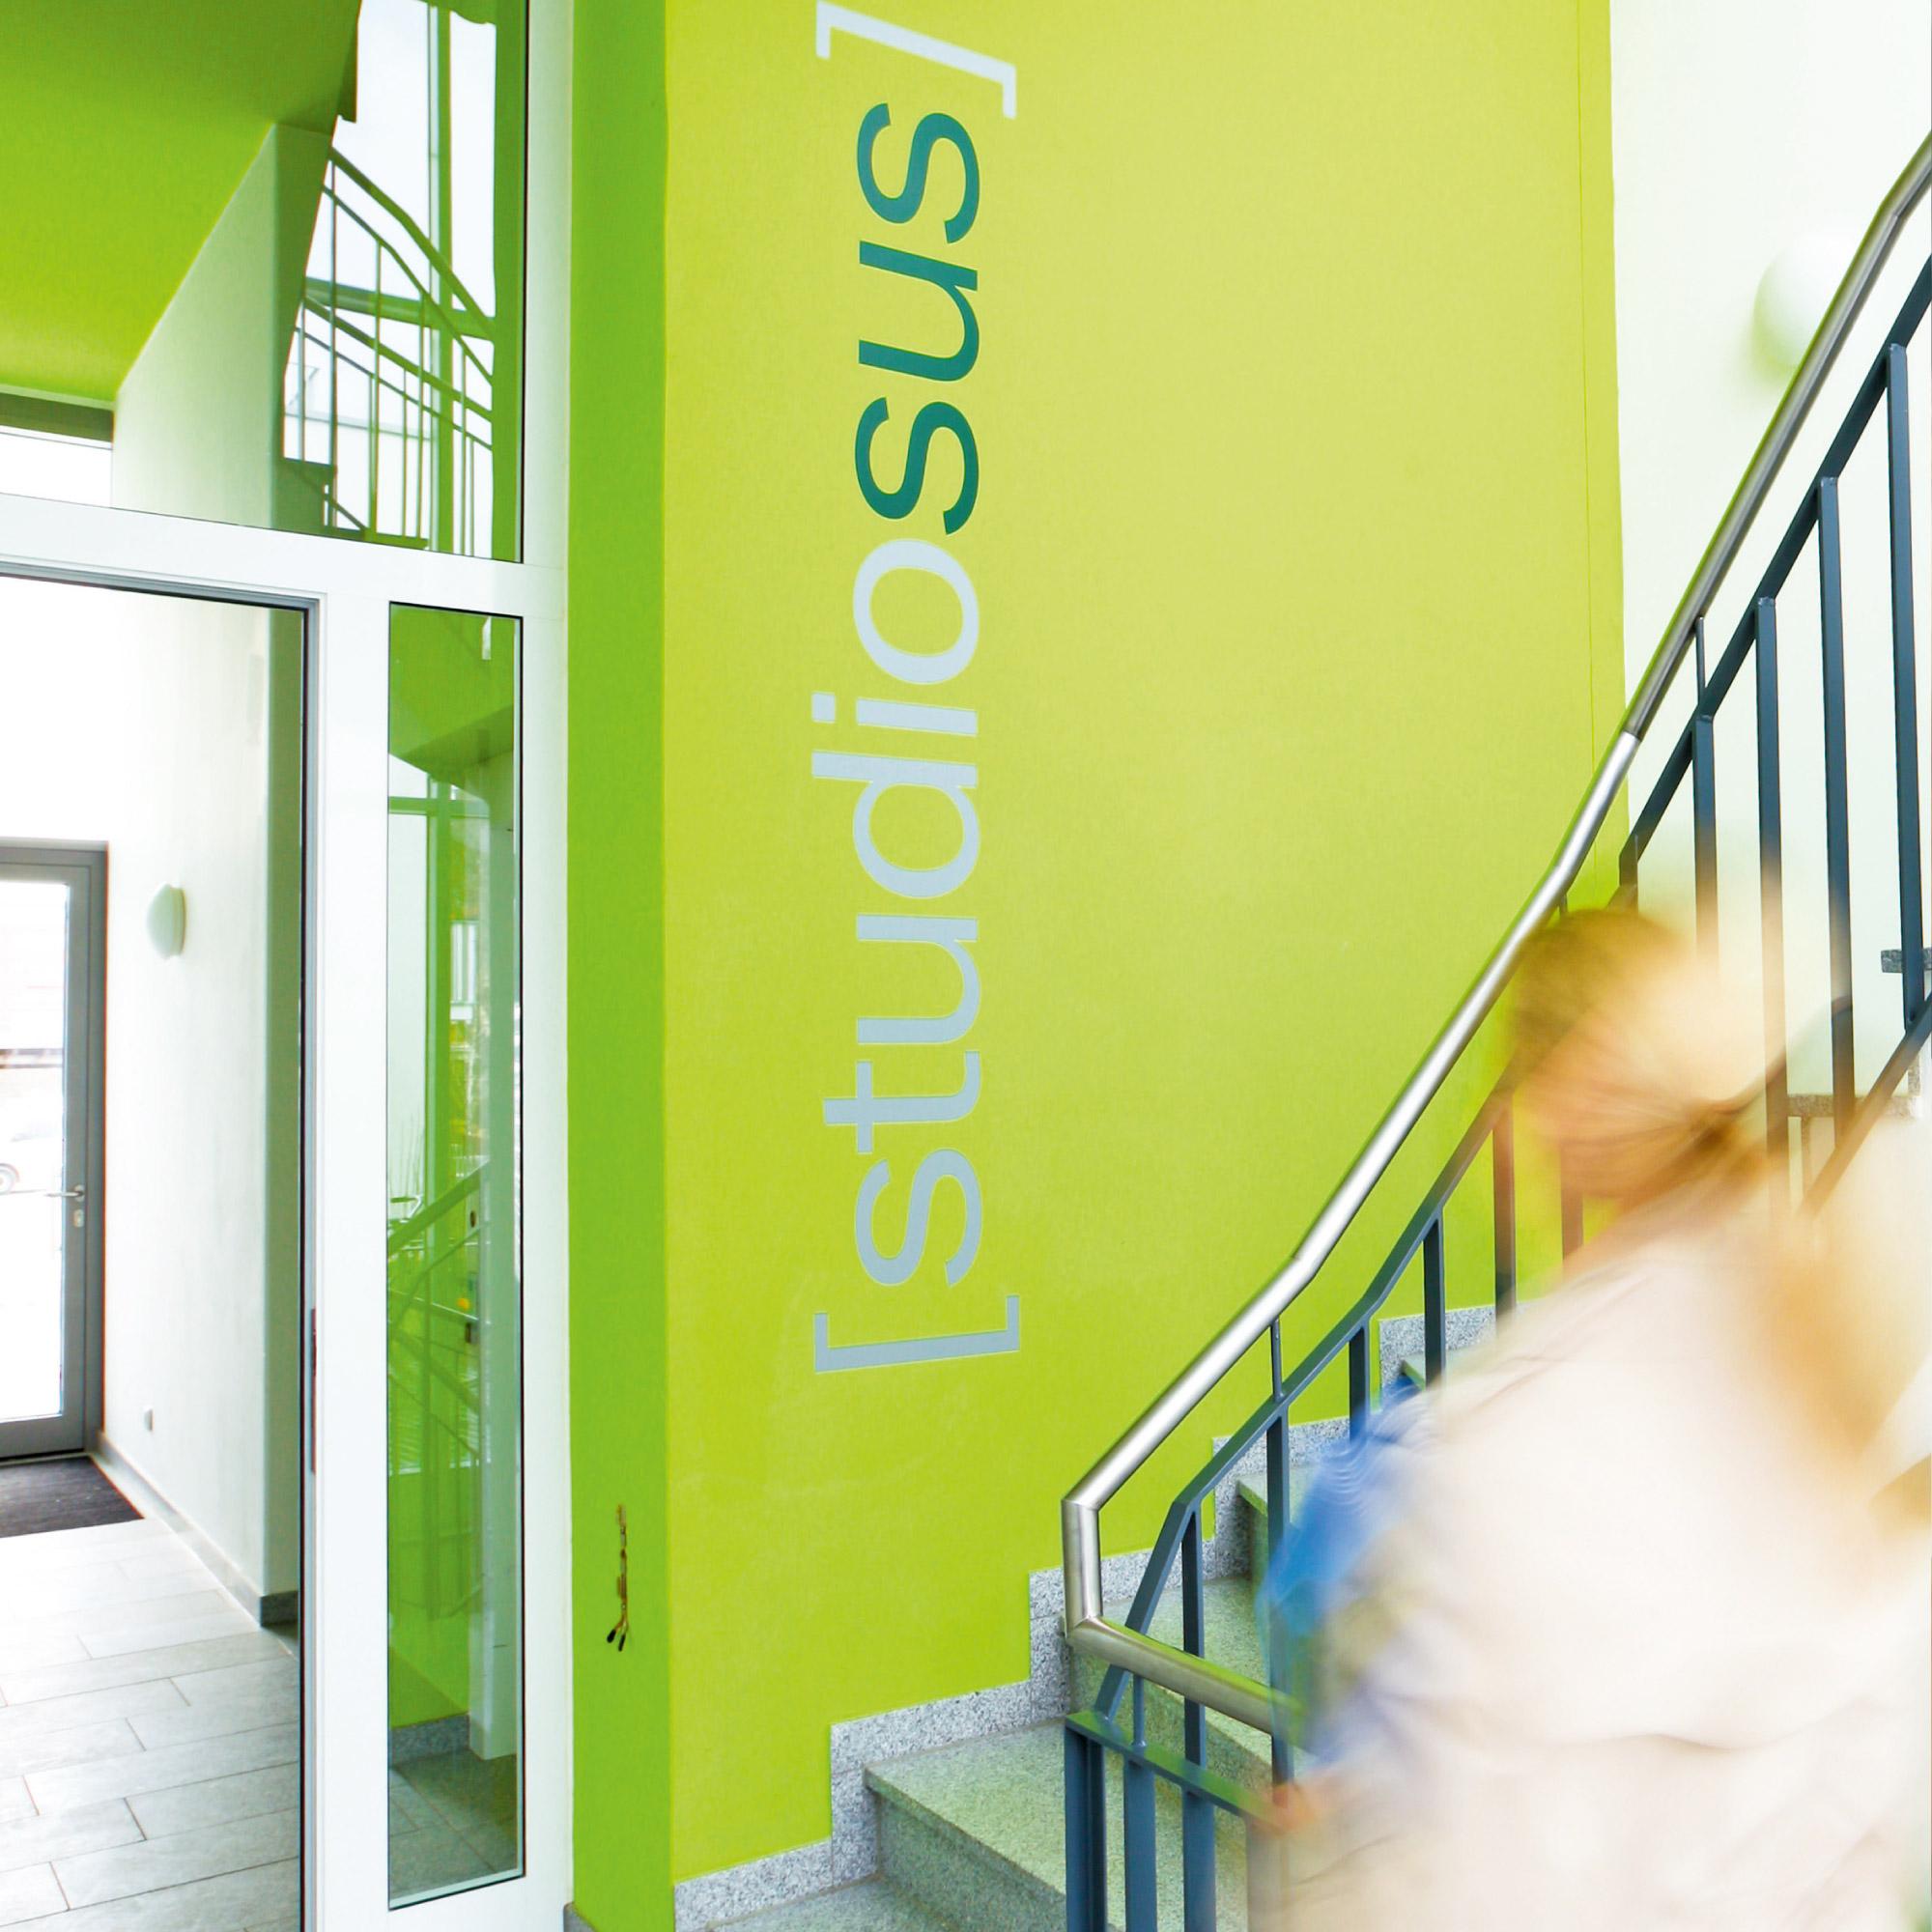 Lebendig gestaltetes Treppenhaus in der studiosus 3 Wohnanlage